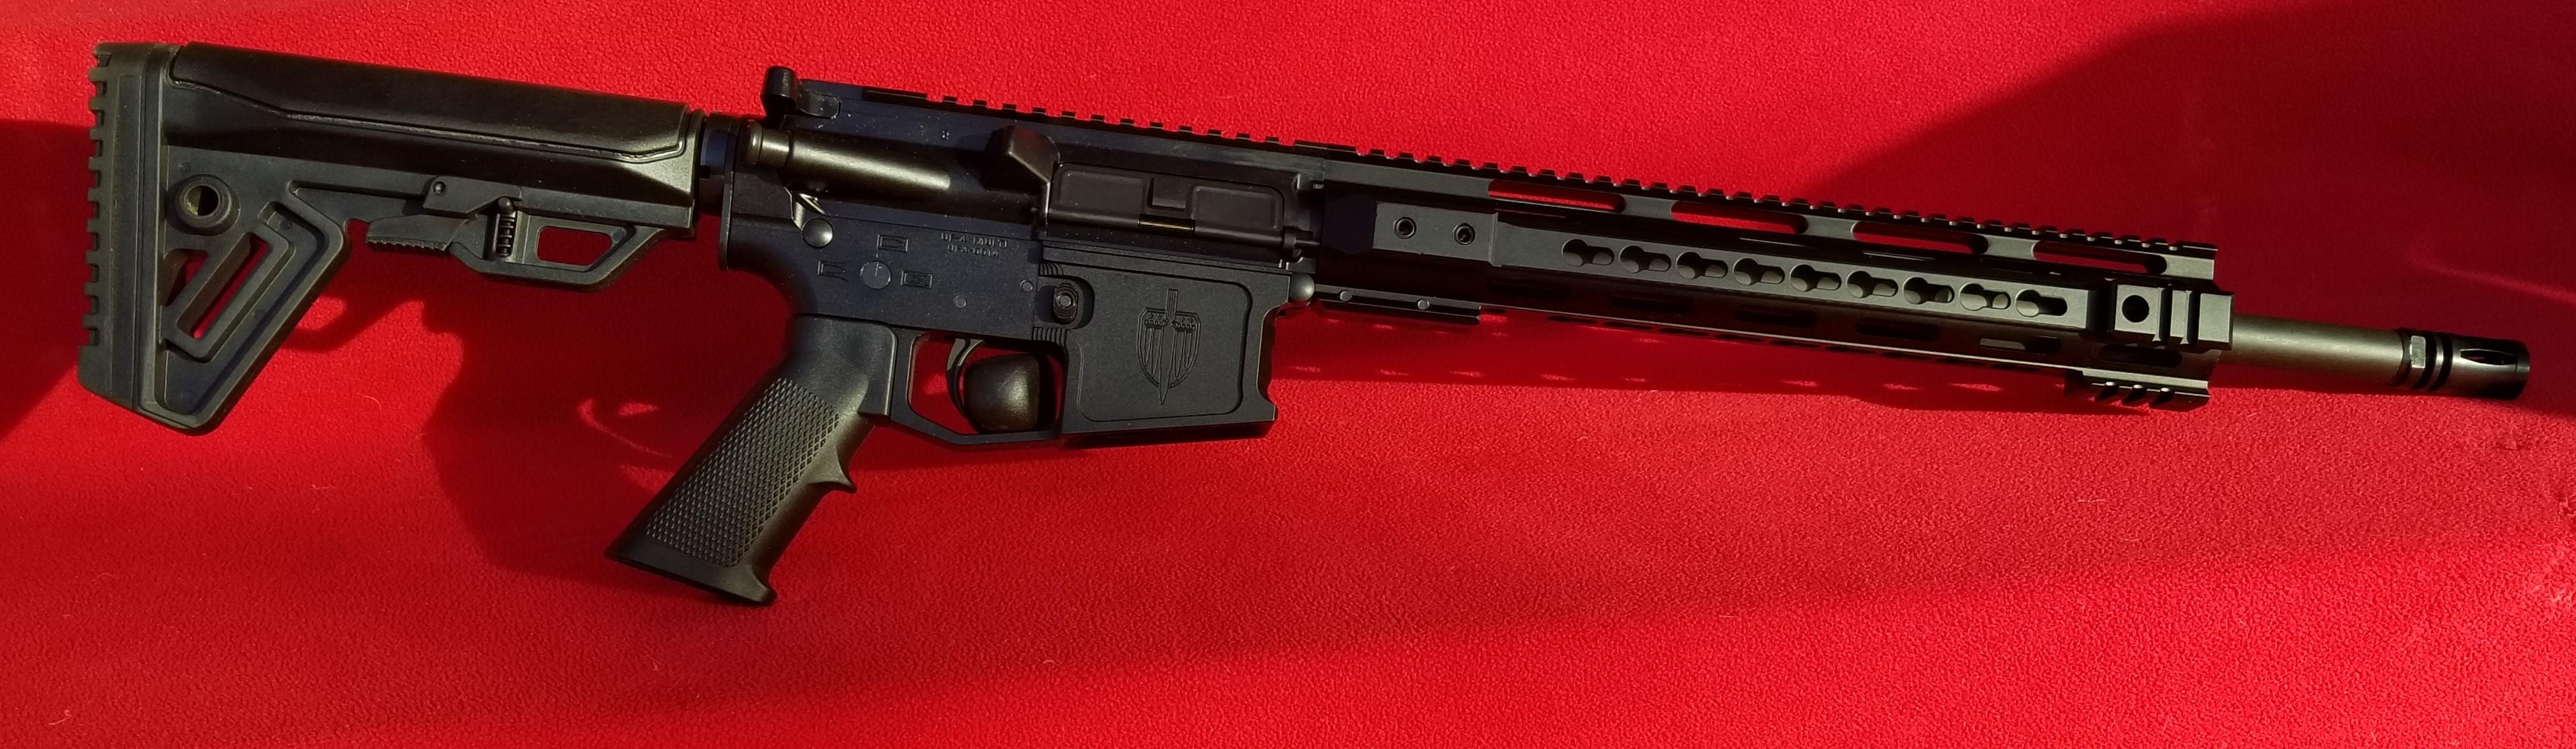 https://www.righttobeararmsco.com/products/rifles-right-to-bear-arms-co-2062-86e1ce93-d320-4249-940e-da1e35b4e083